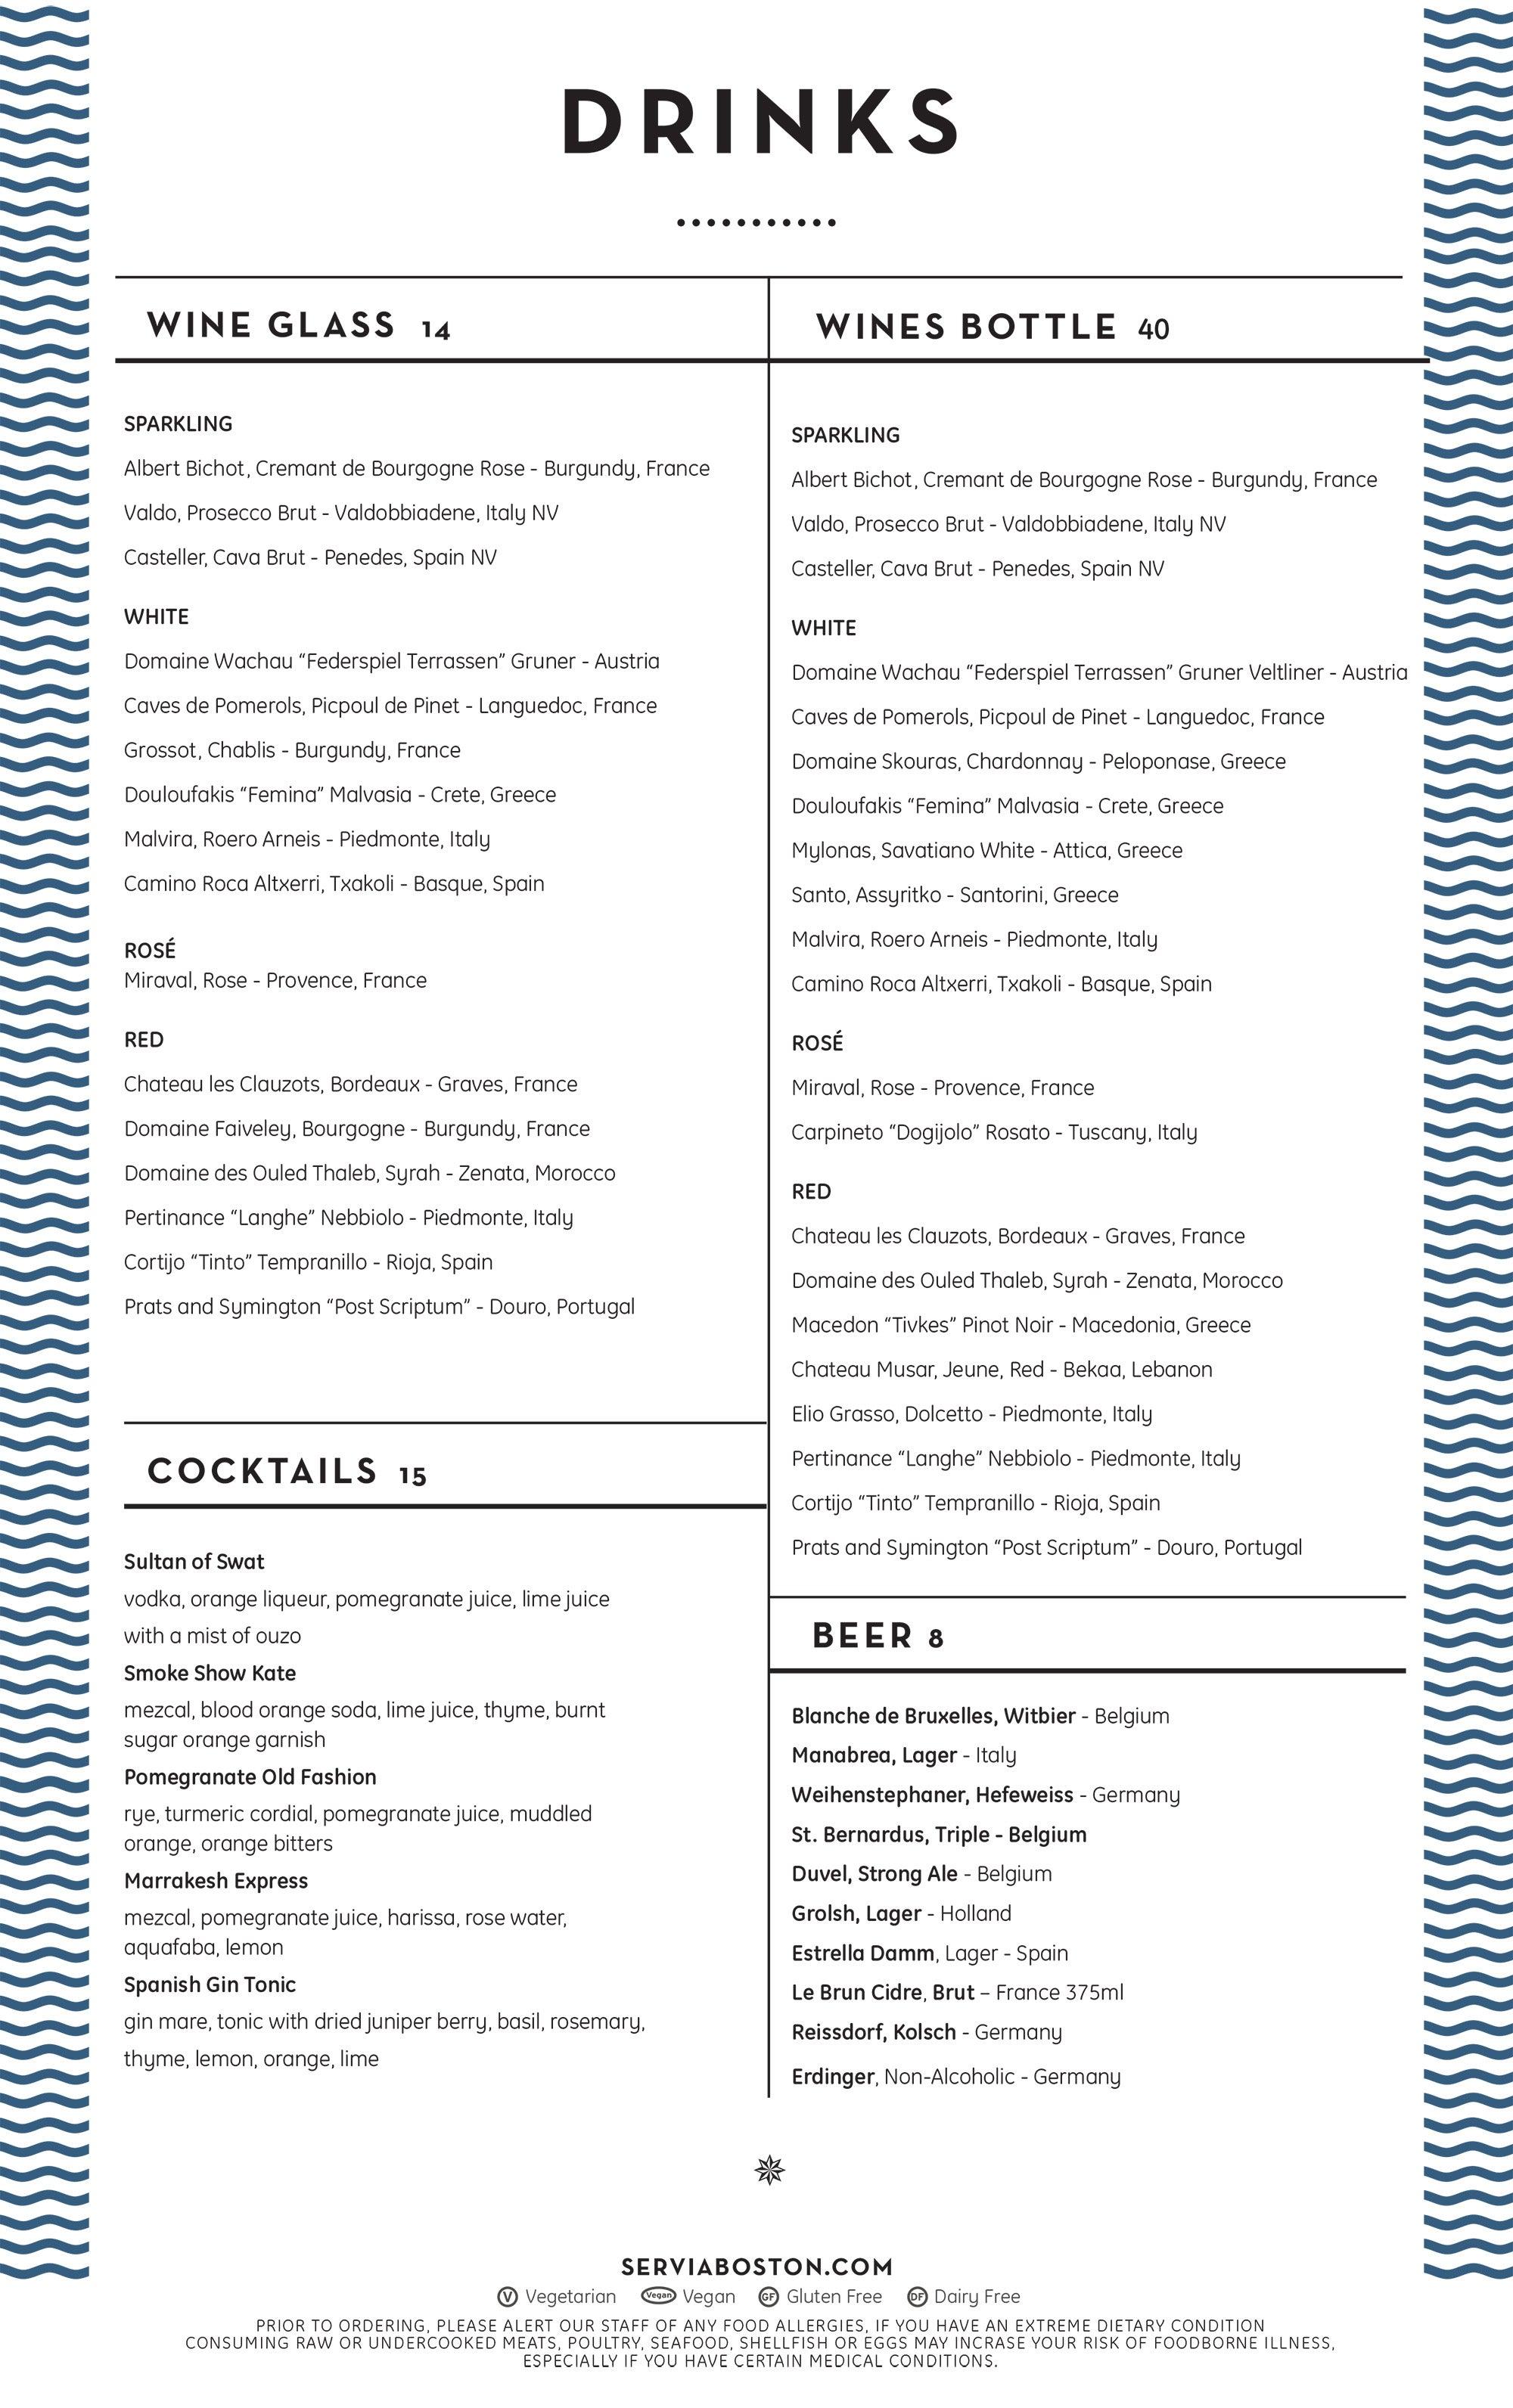 Drinks menu at Servia